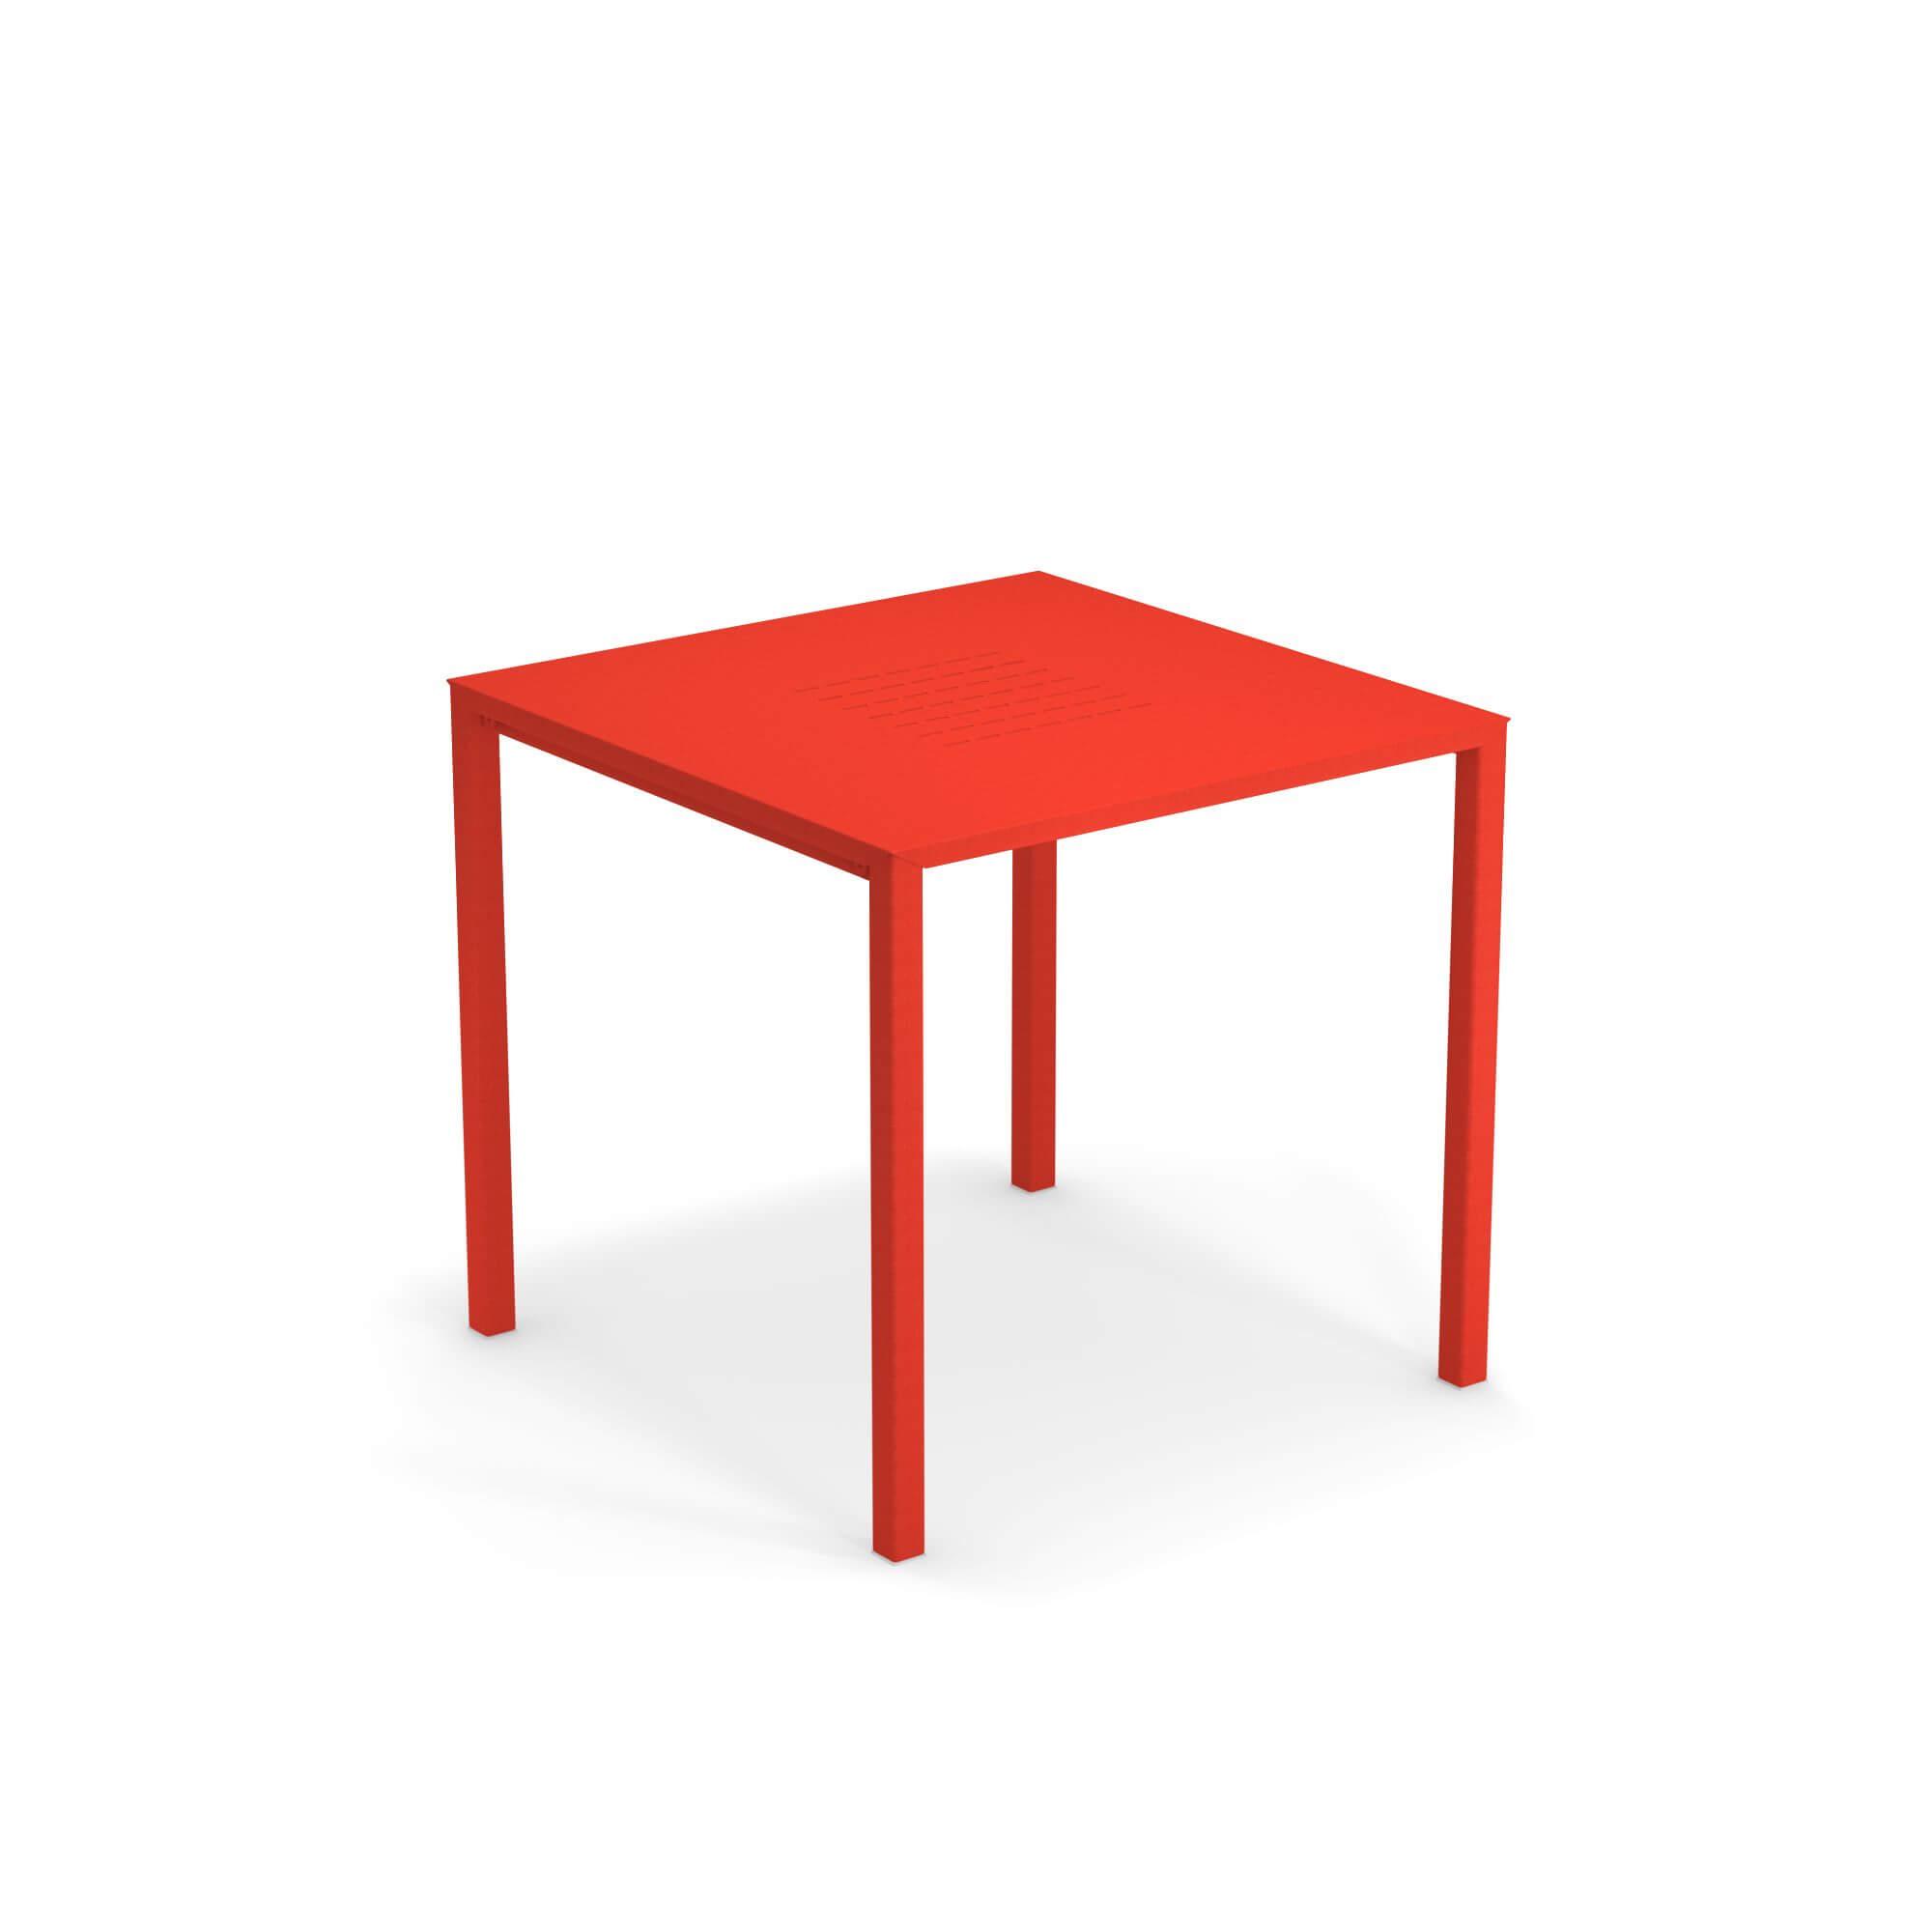 Tavoli Da Esterno Emu.Tavolo Quadrato Impilabile 80x80 Da Giardino Esterno In Alluminio